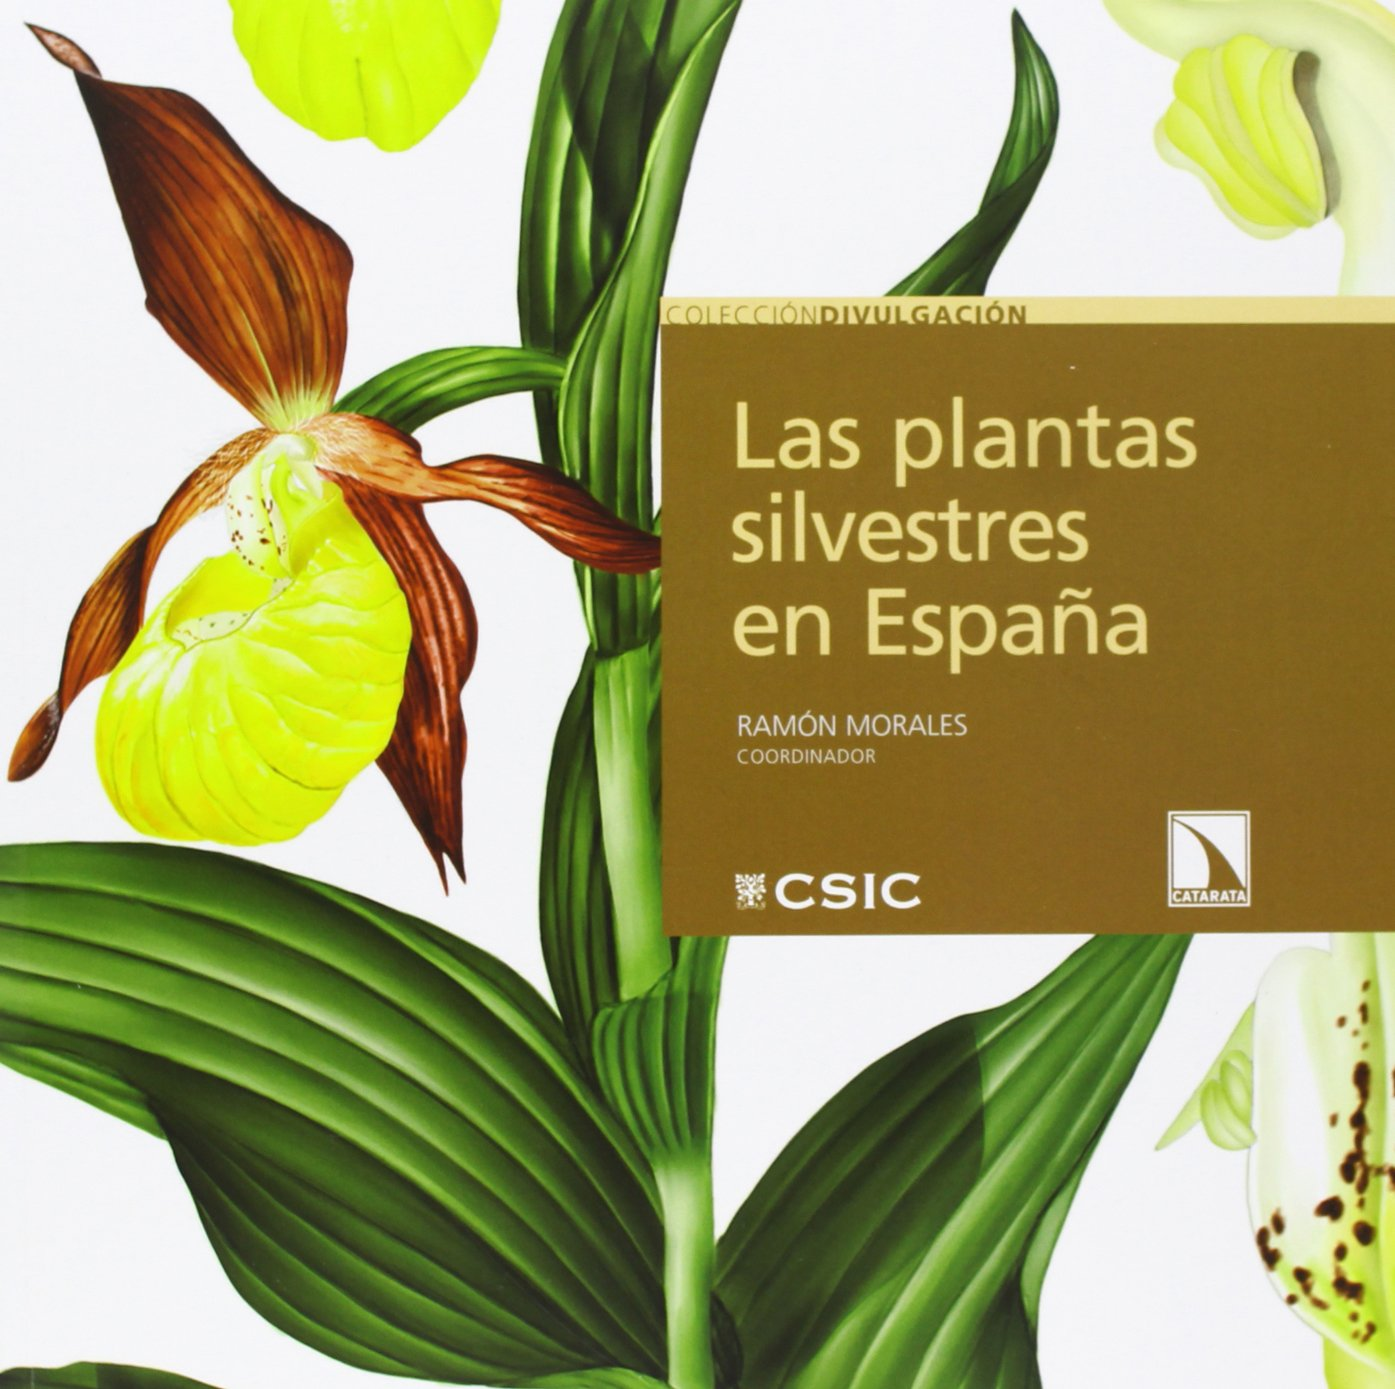 Las Plantas Silvestres En España (DIVULGACION): Amazon.es: Ramón Morales: Libros